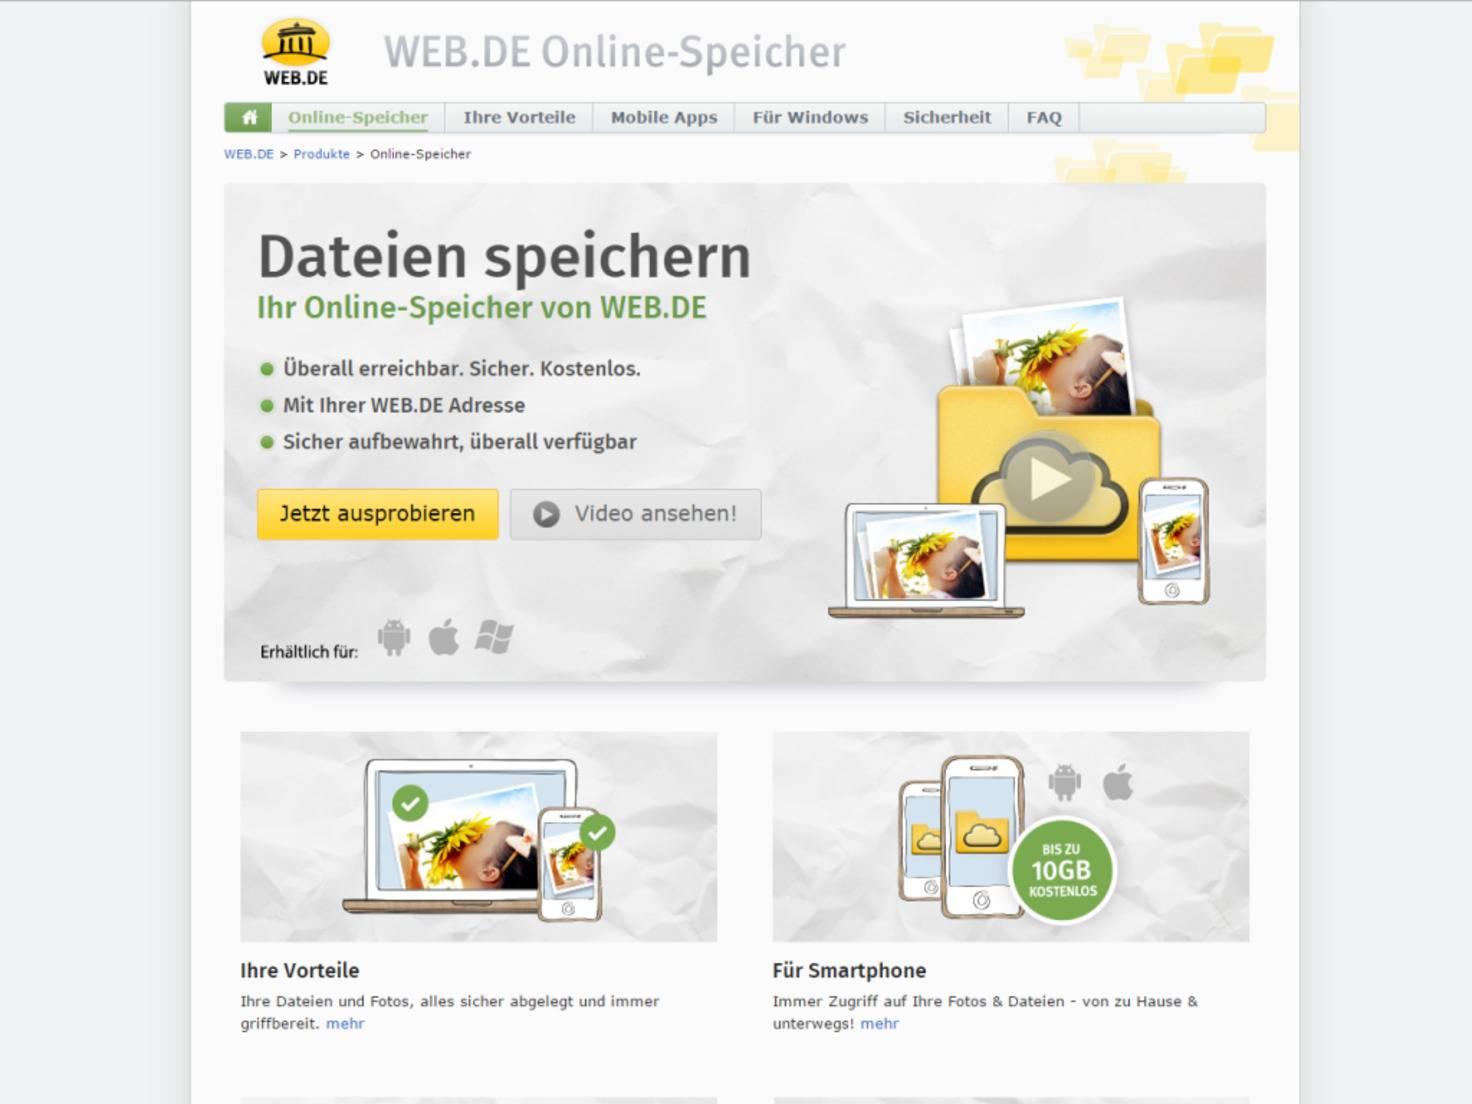 ...und dem web.de Online-Speicher ähneln sich.